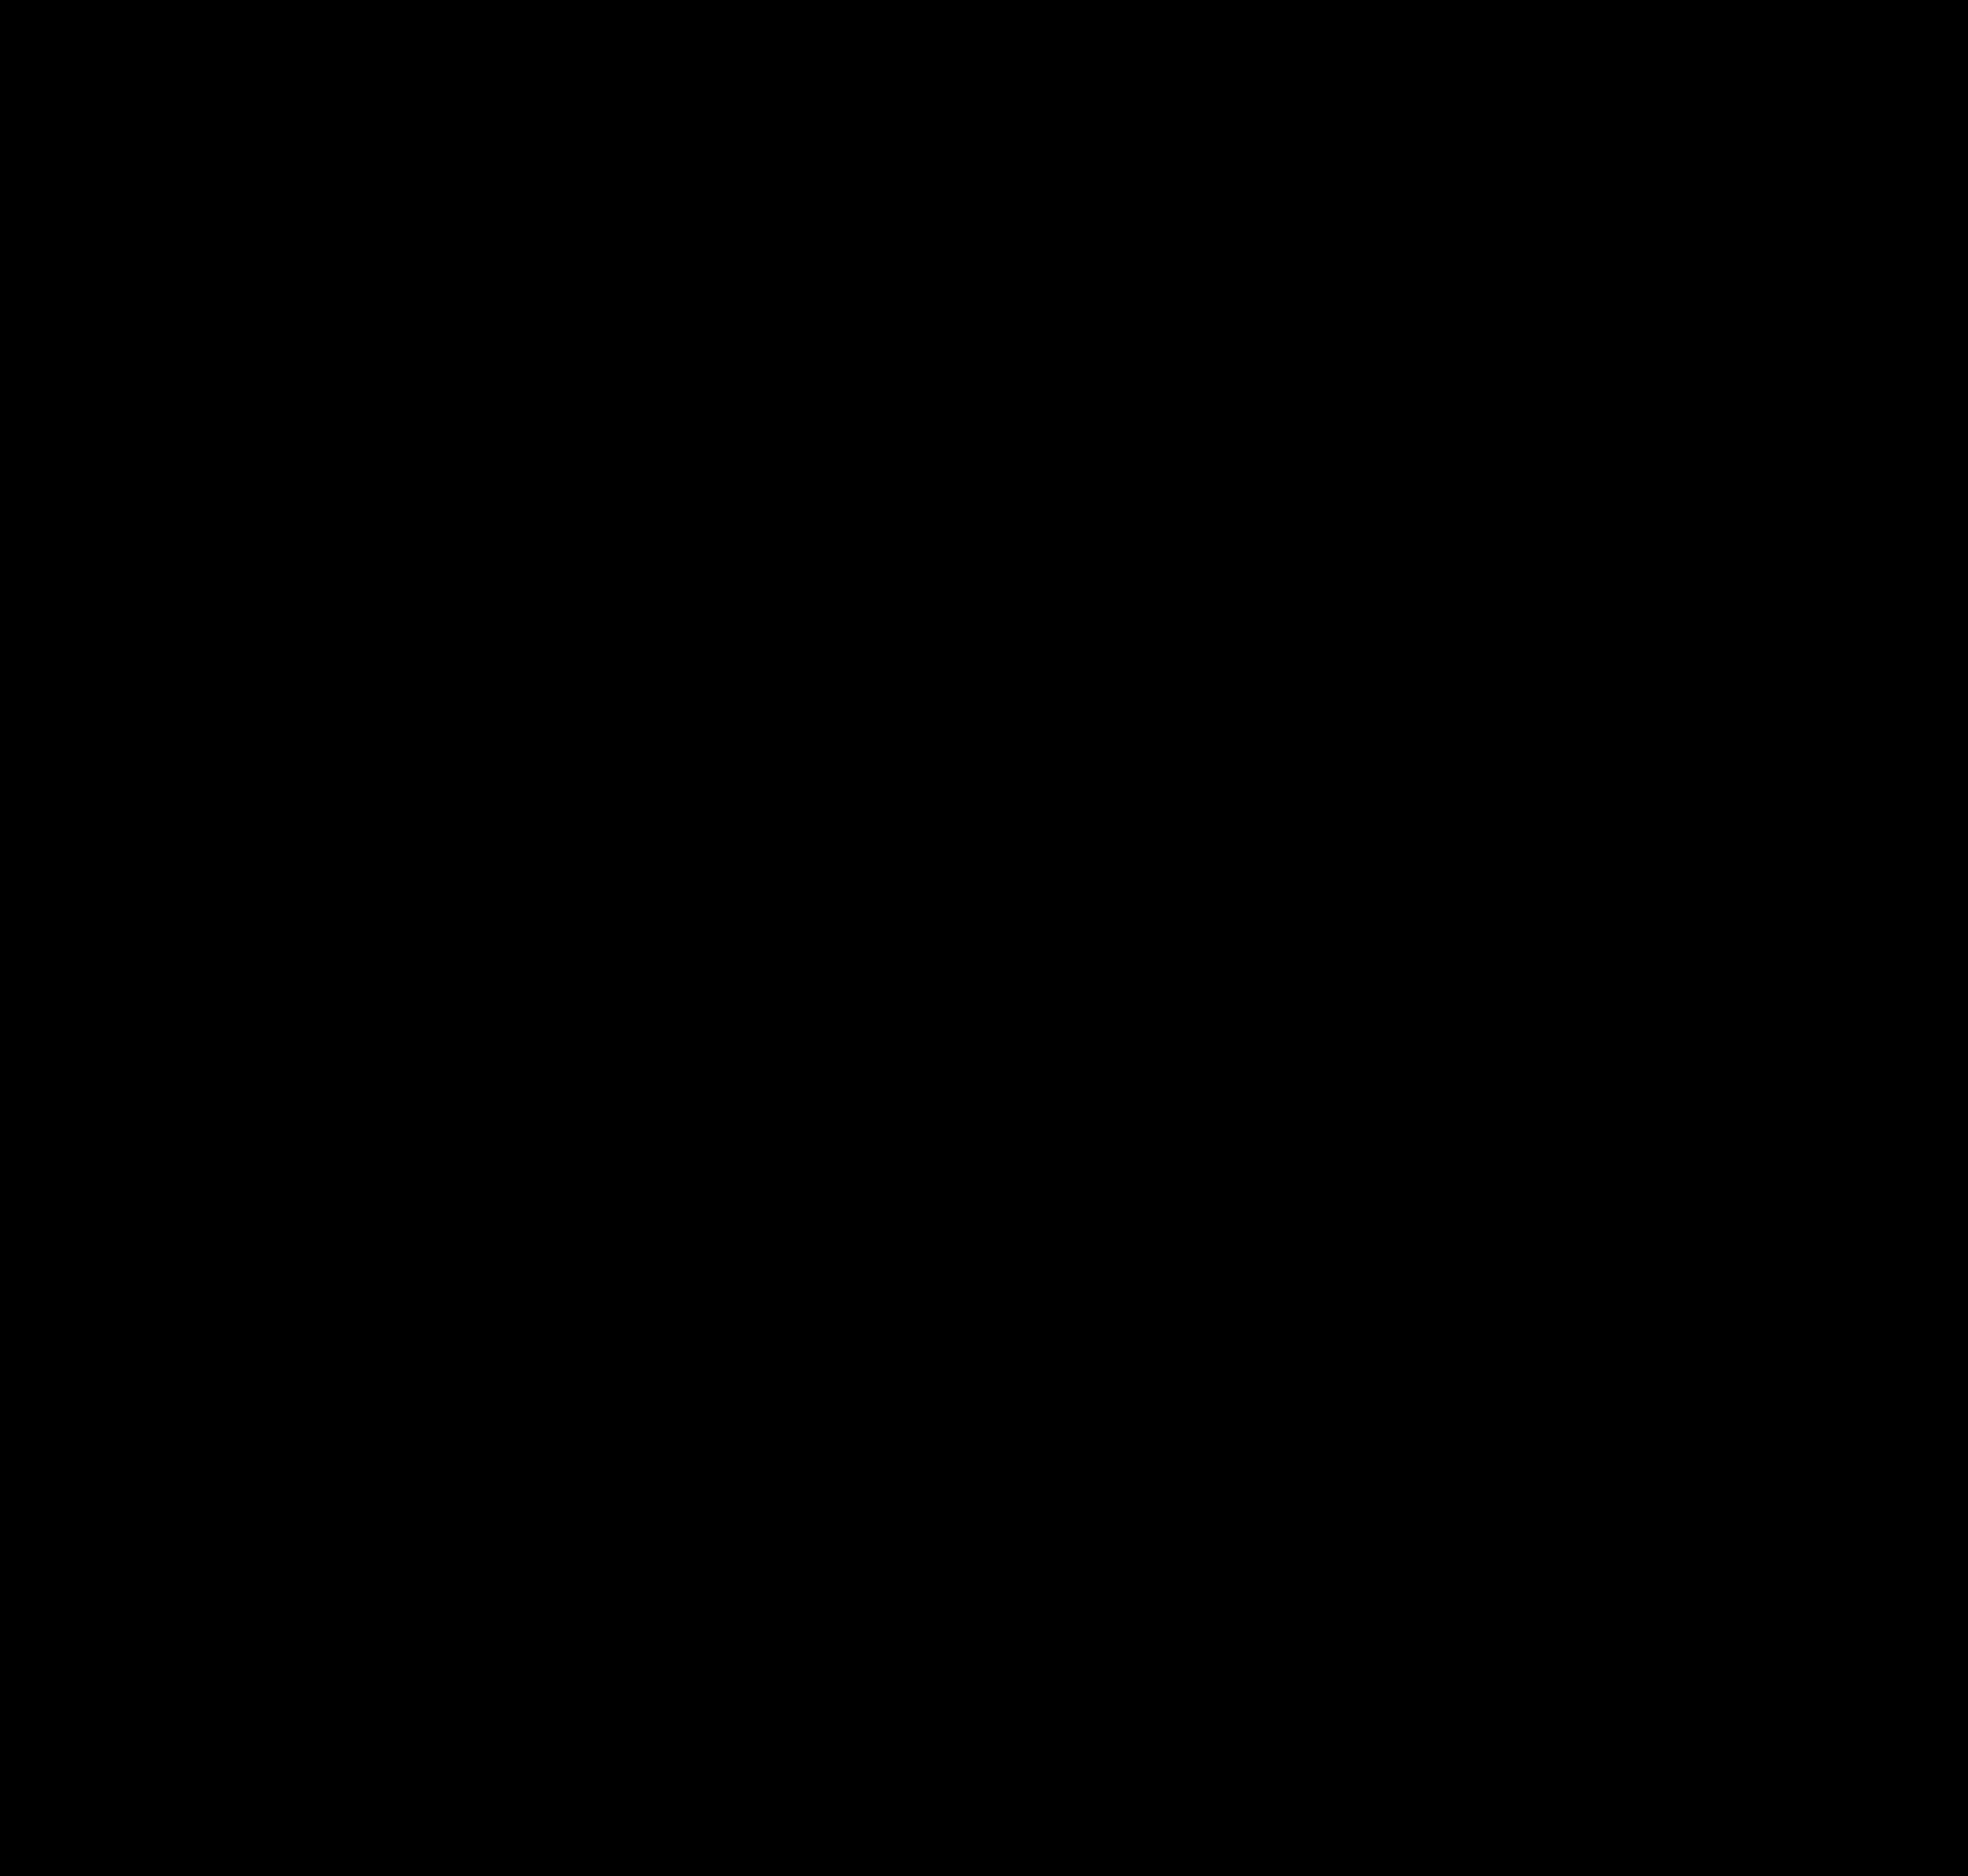 Modern Bedroom Wall Decor Ideas Bedroom Furniture Design 2016 Colours For Boy Bedroom Bedroom Decor Trends 2017: DESIGN FORCES On Color Trends